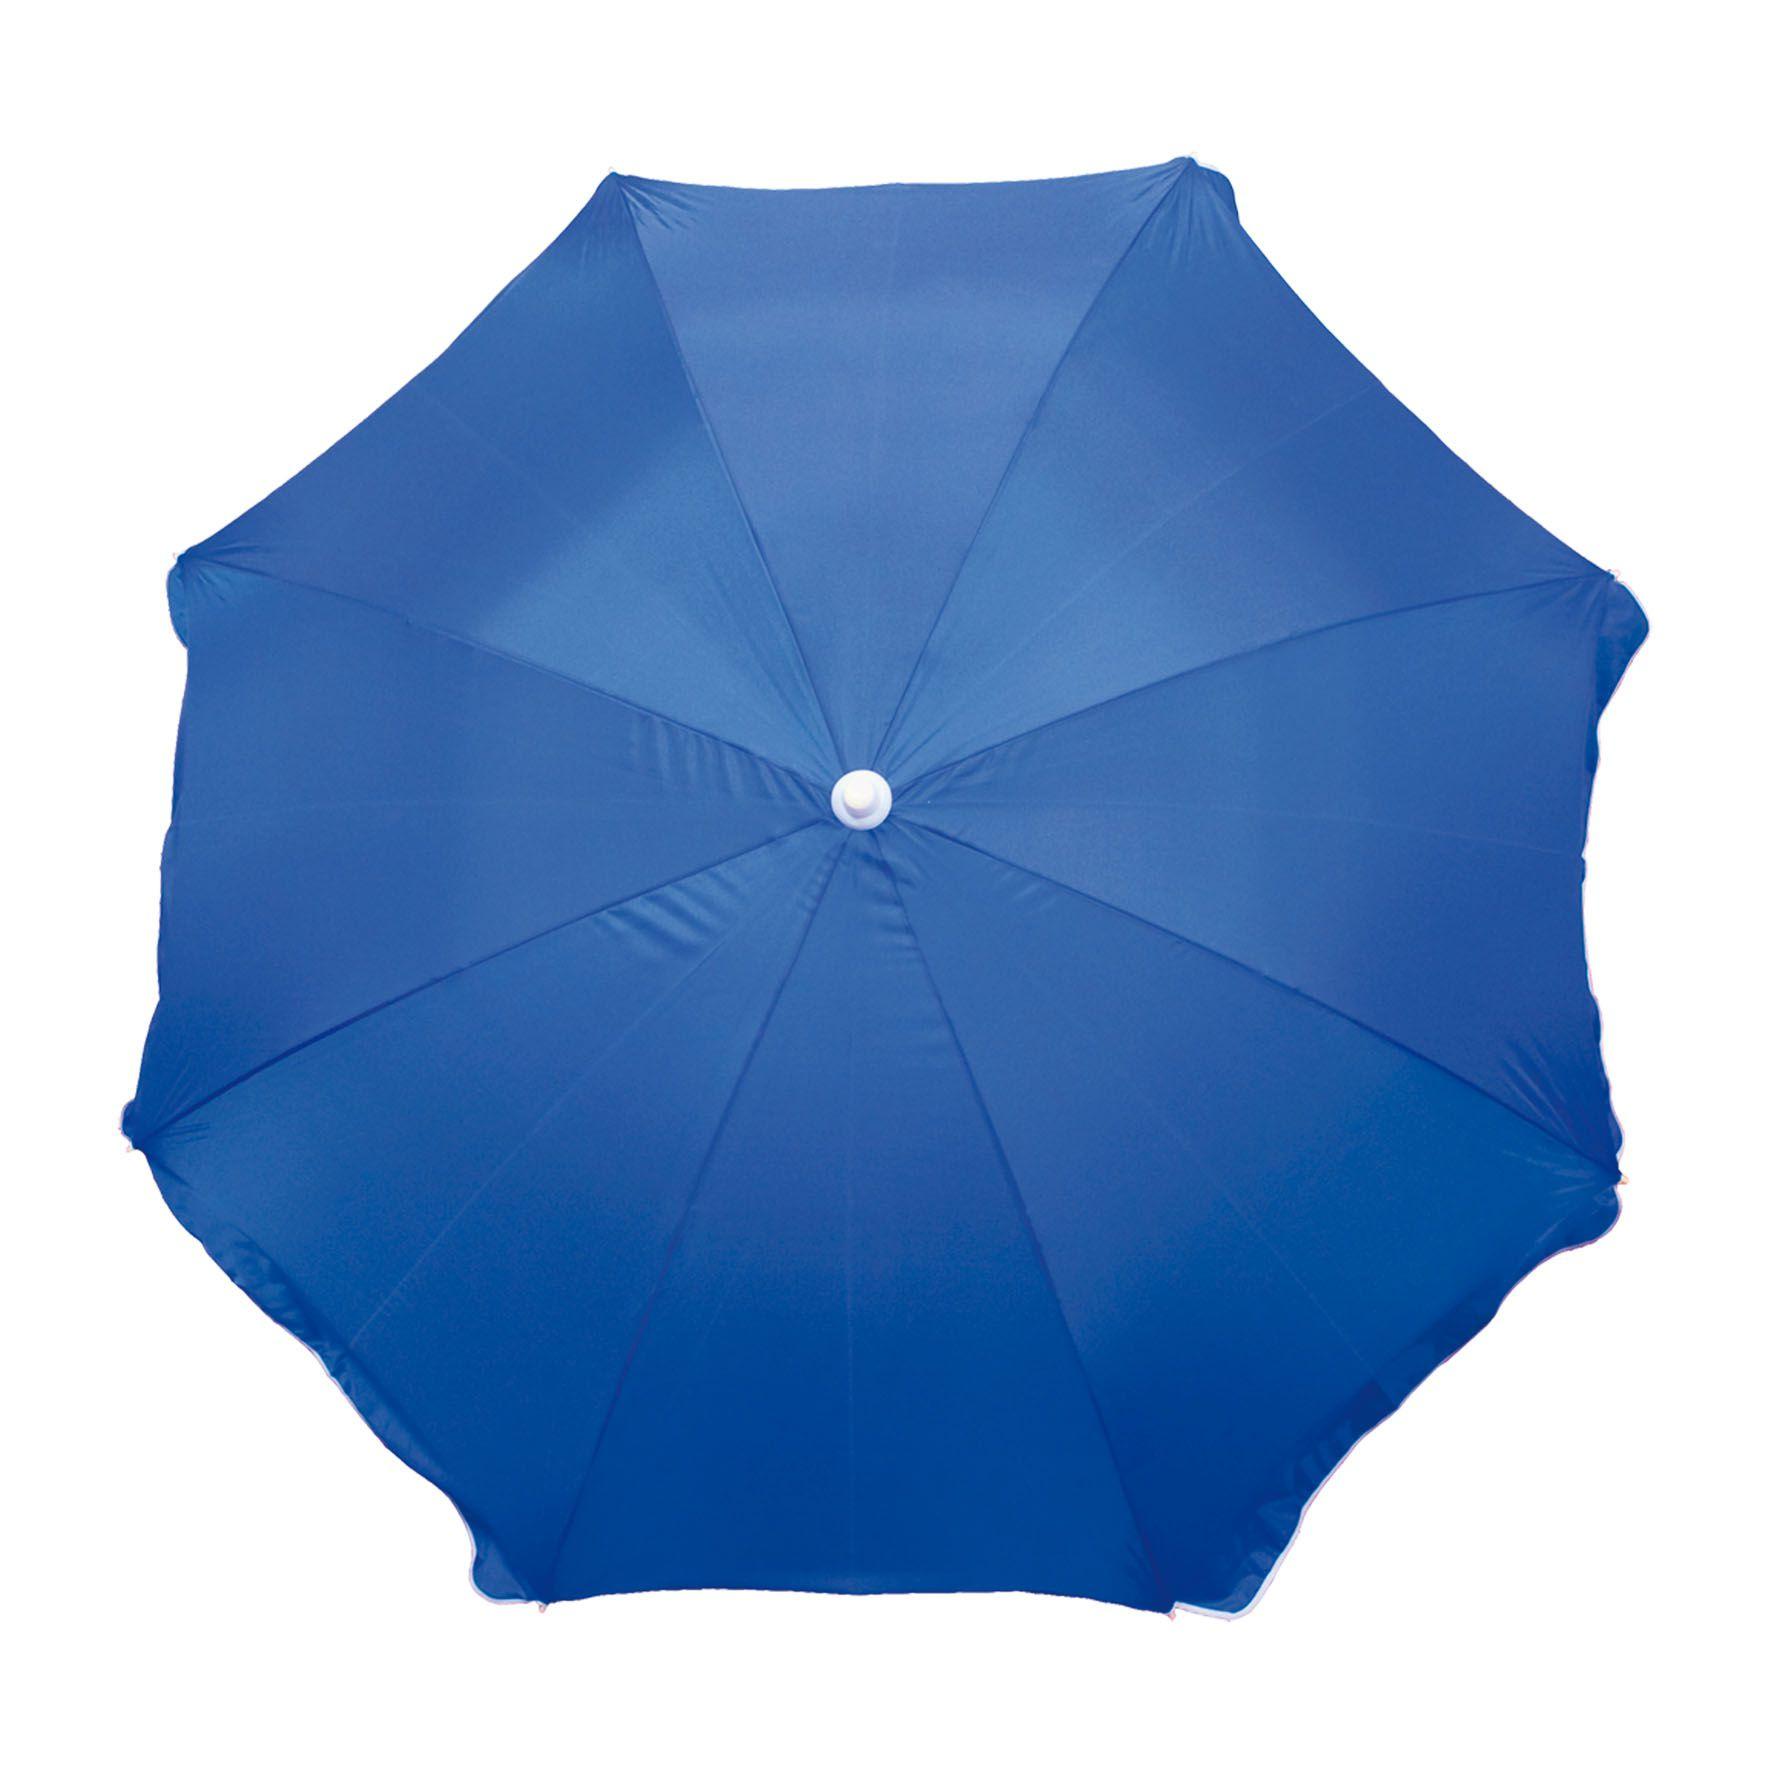 Cadeau publicitaire - Parasol publicitaire Plein Soleil - jaune